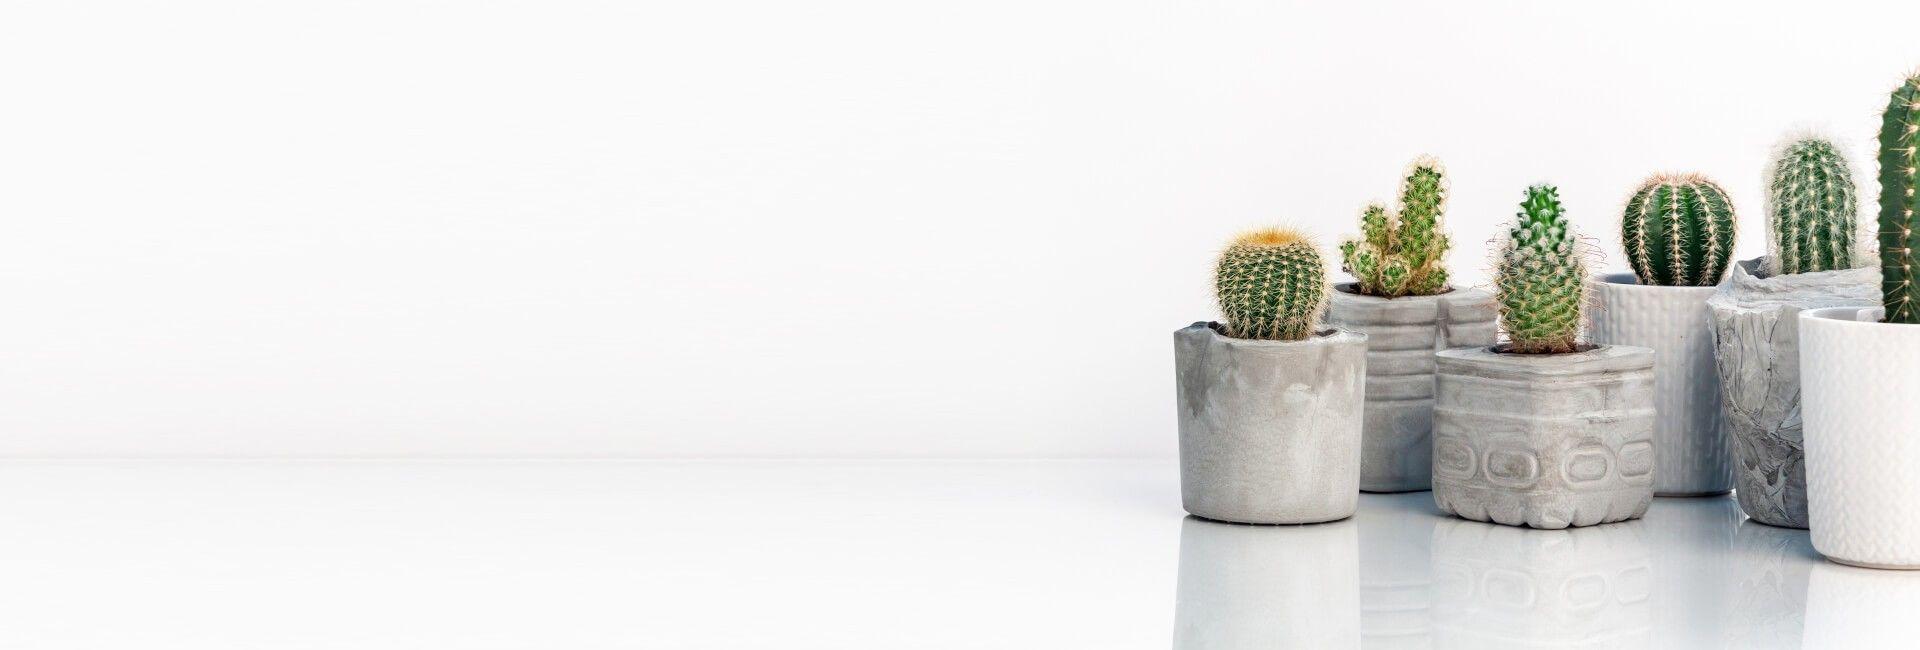 Cactus Flower Gifts Bristol - Best in Bristol, CT